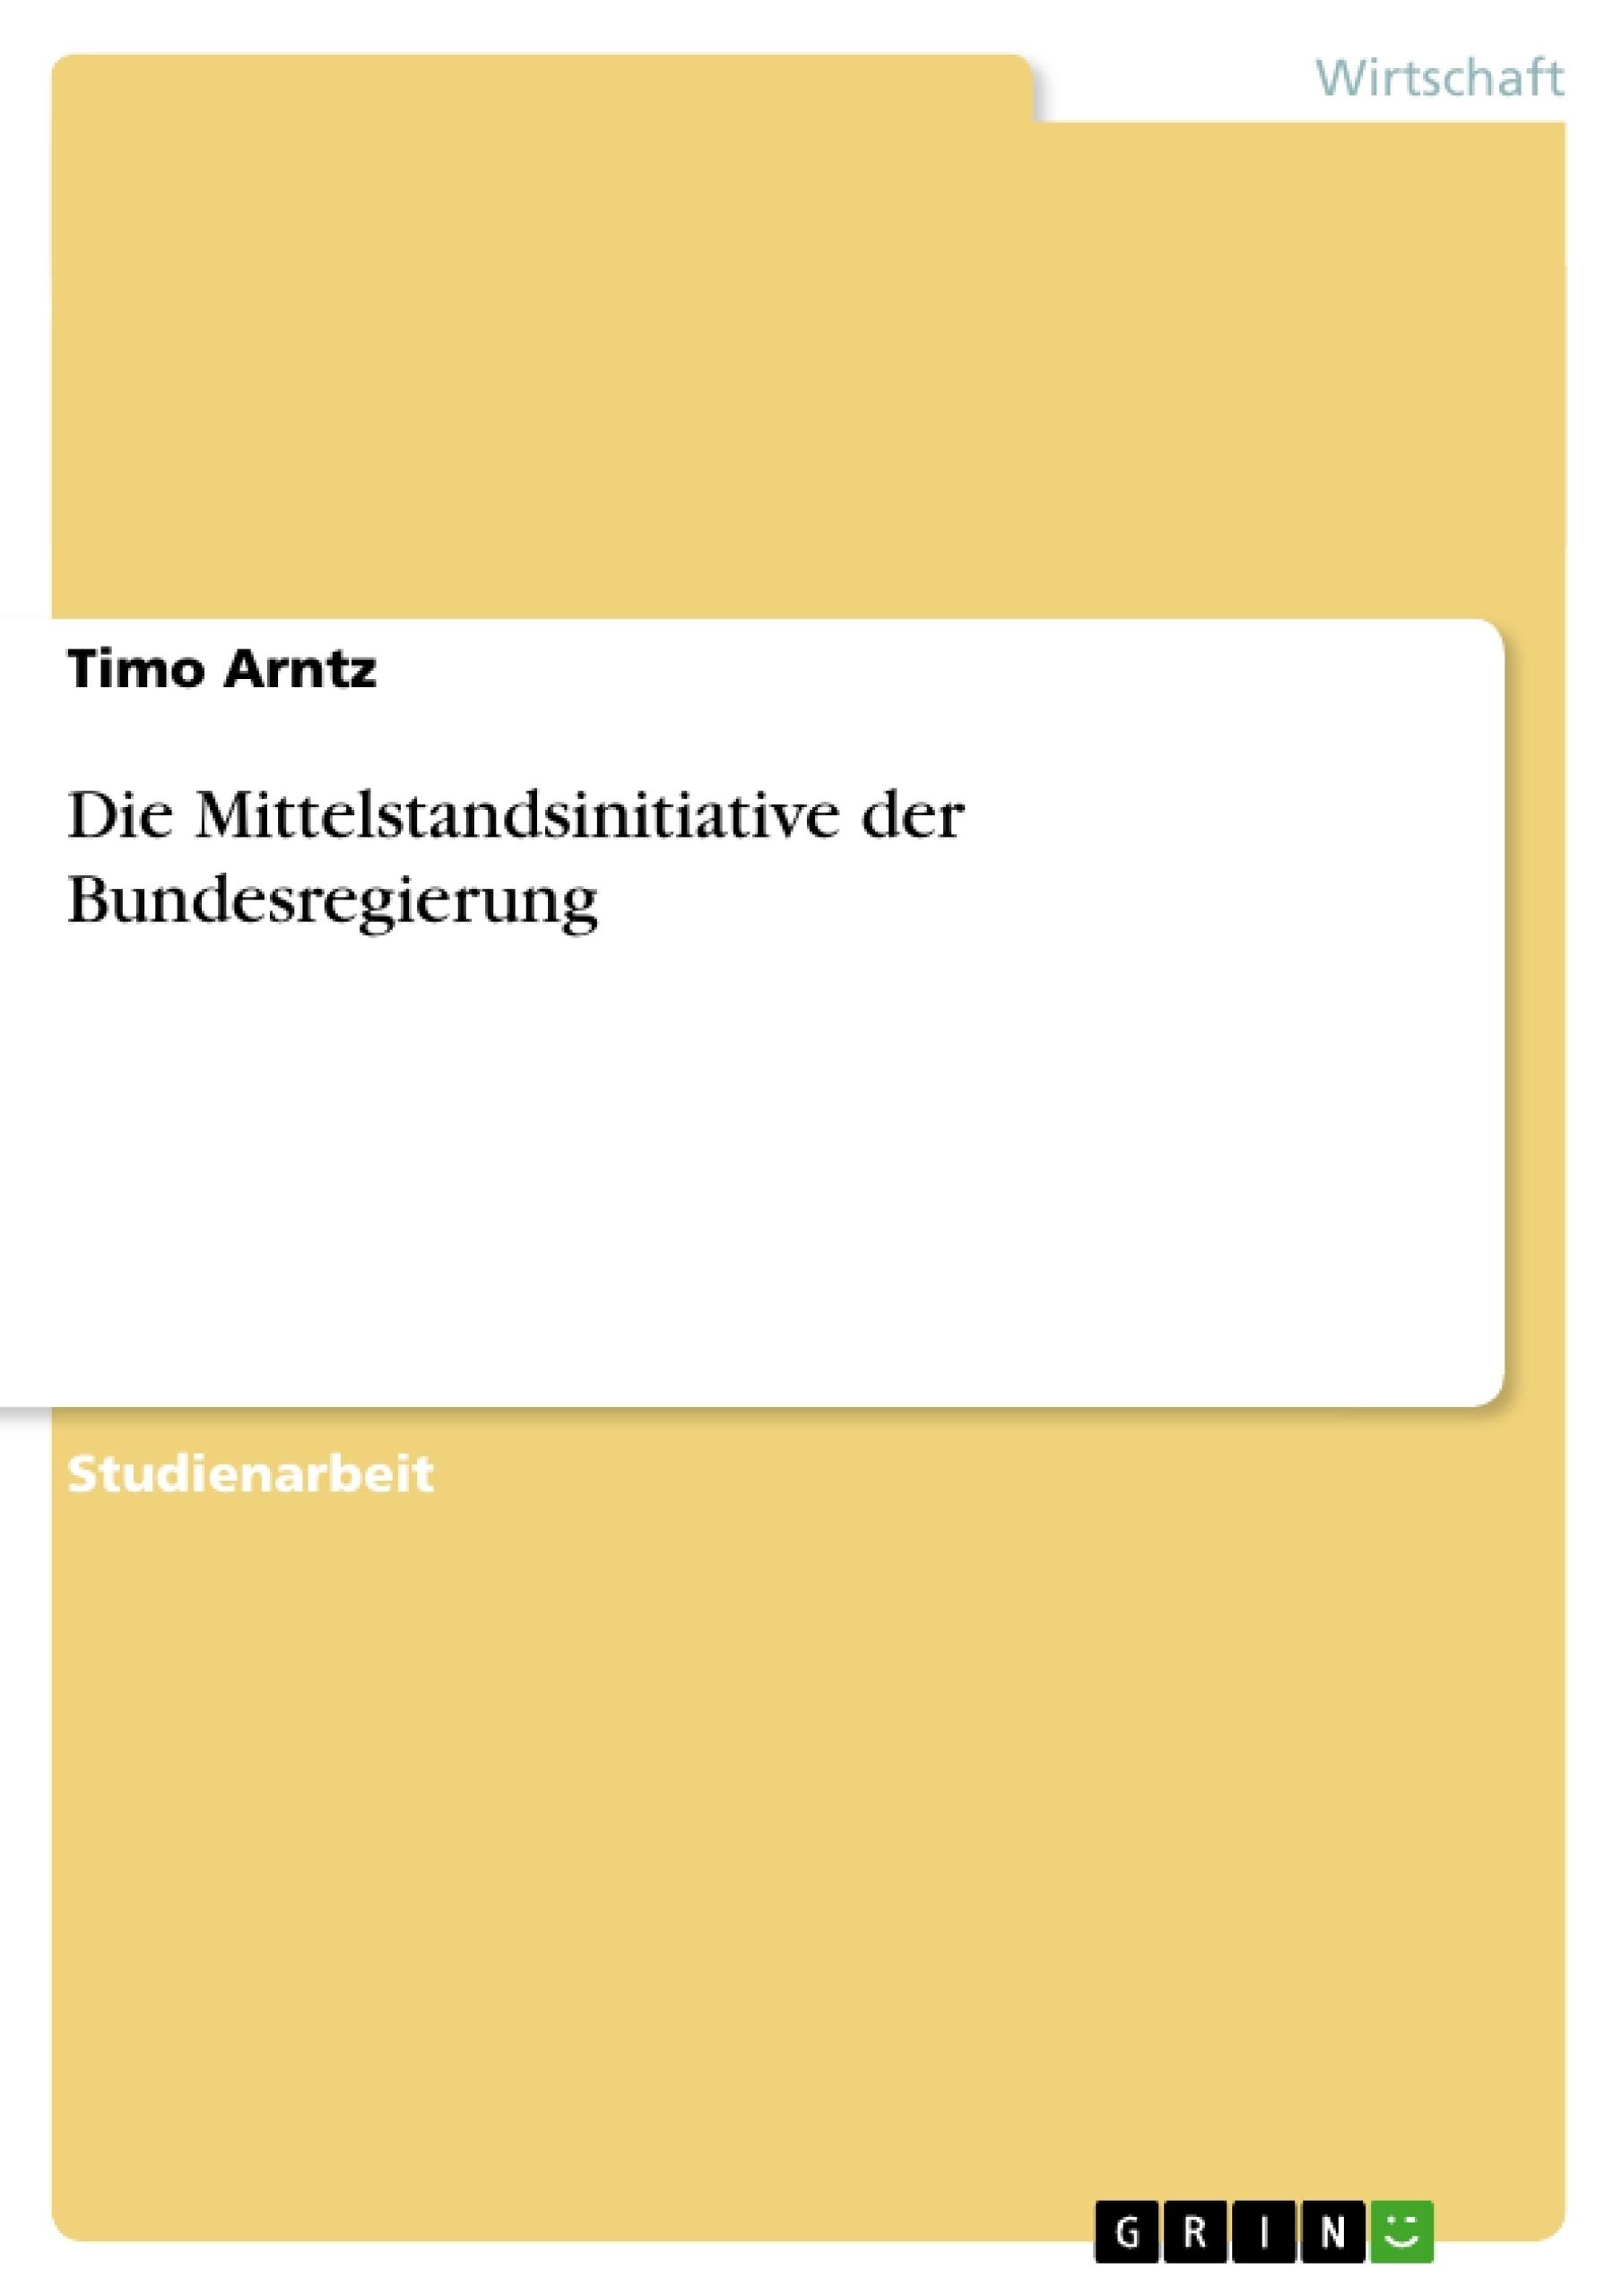 Titel: Die Mittelstandsinitiative der Bundesregierung